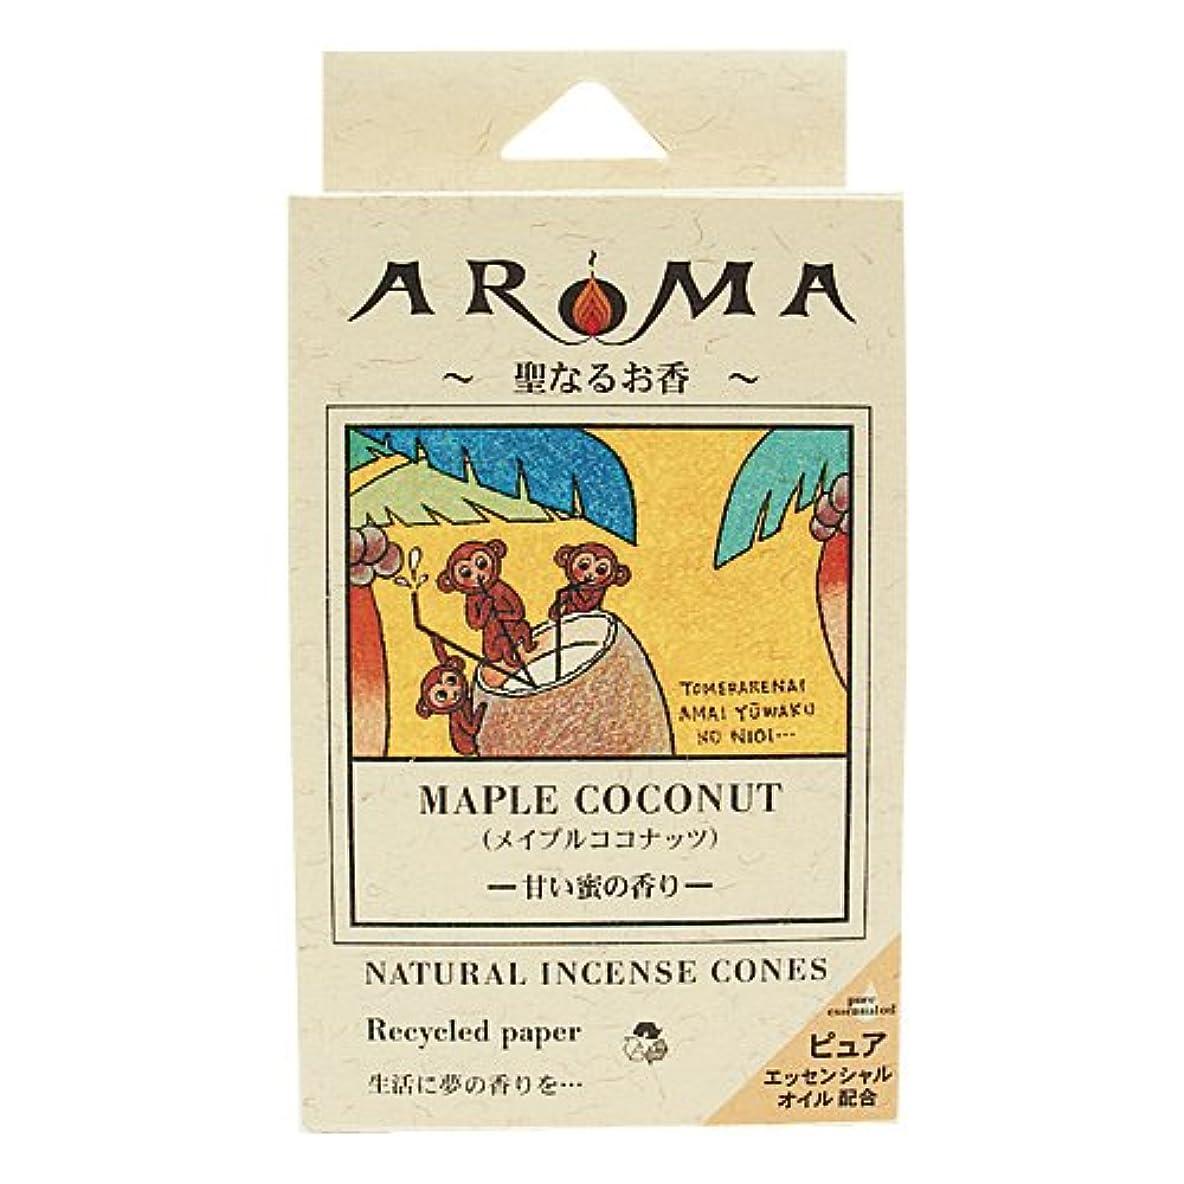 ソフィー子犬正統派アロマ香 ココナッツ 16粒(コーンタイプインセンス 1粒の燃焼時間約20分 甘い蜜の香り)